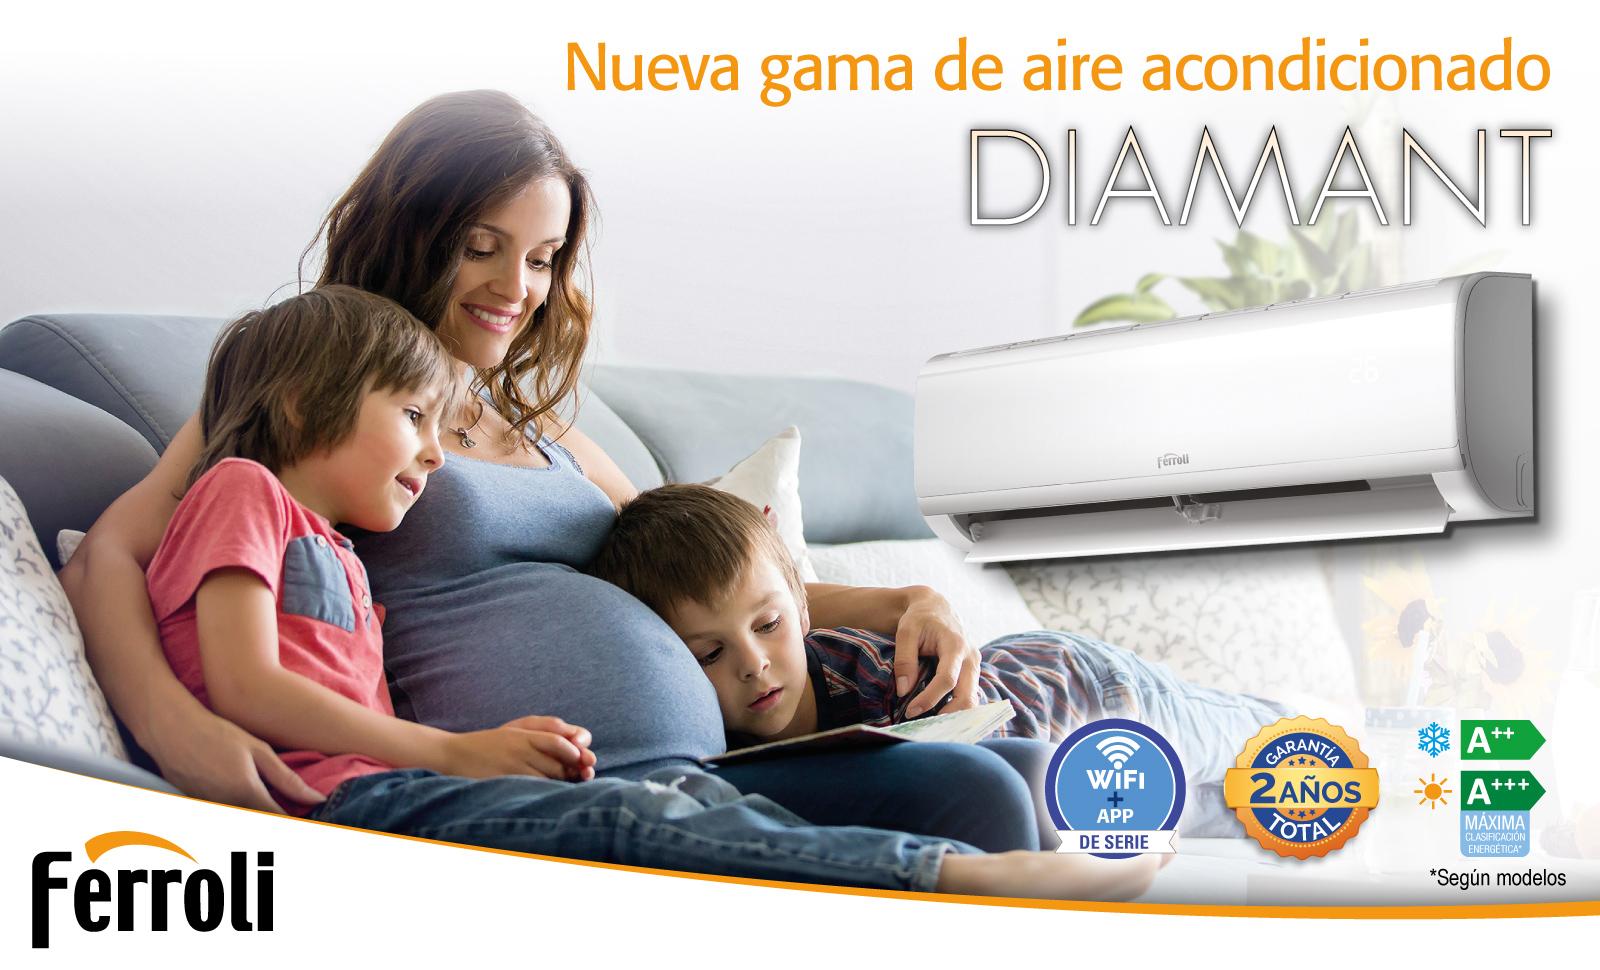 Ferroli lanza su nueva gama de aire acondicionado Diamant.